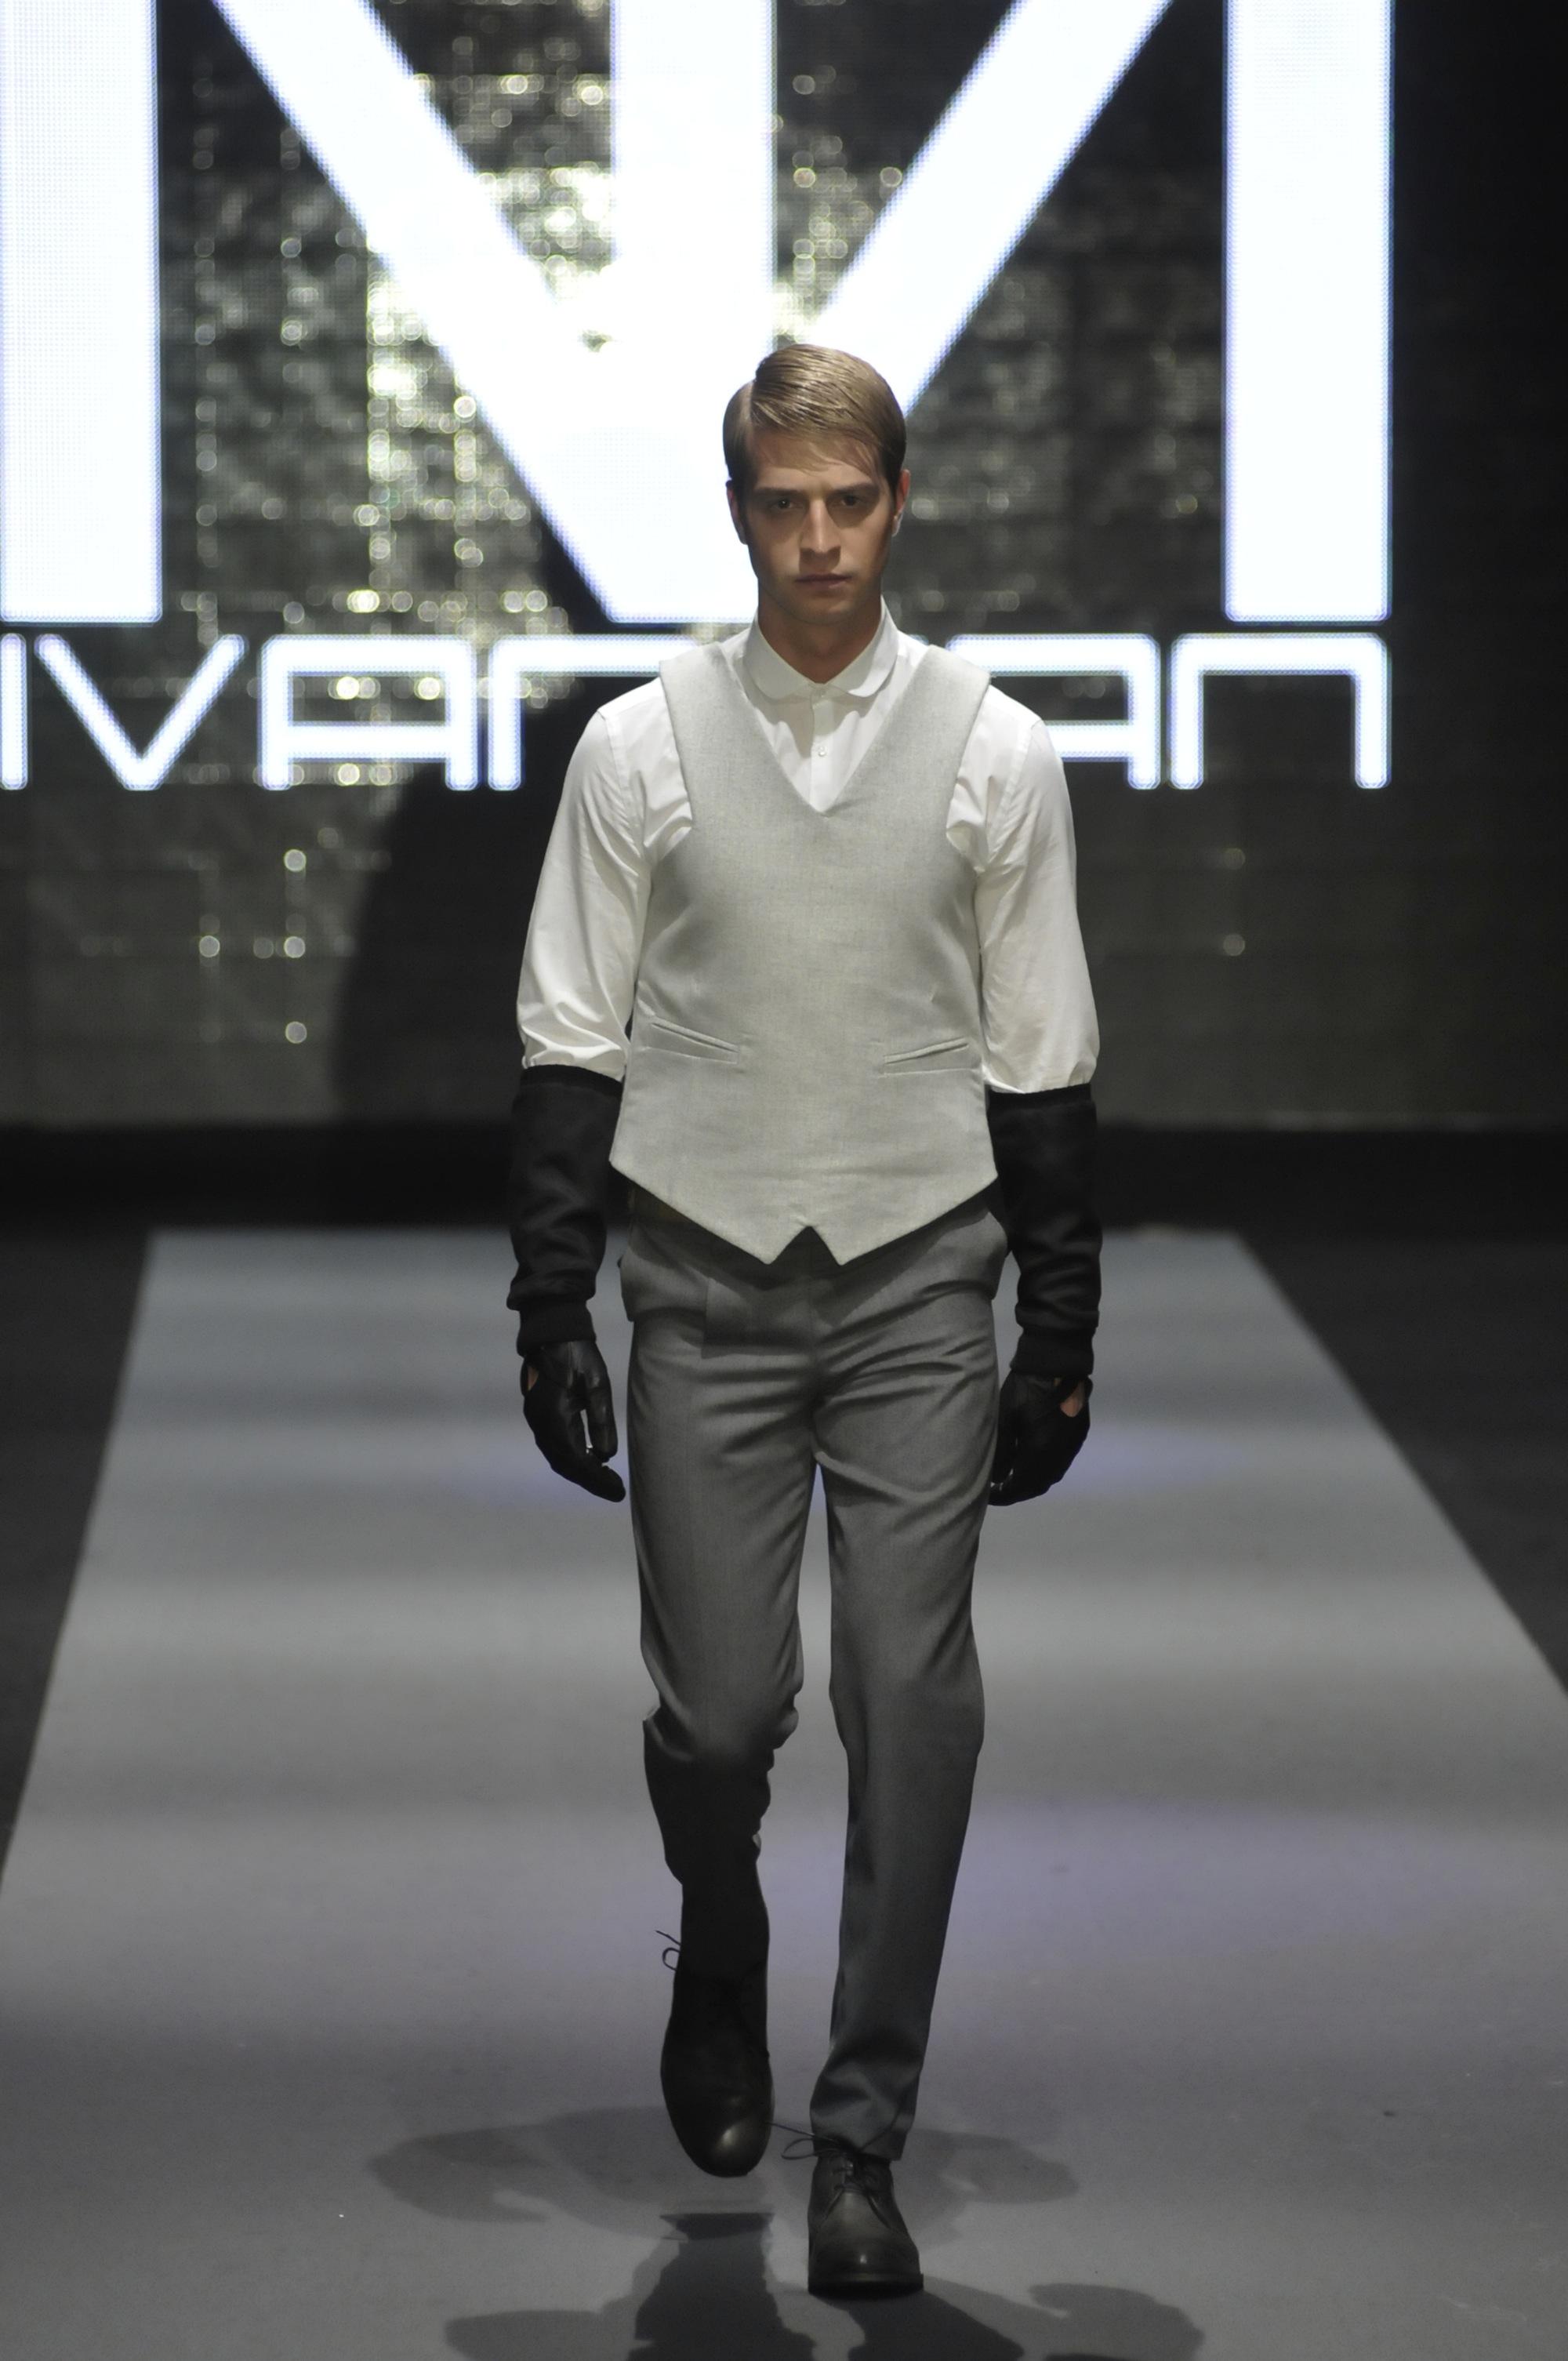 ivanman Peto veče 30.Amstel Fashion Week a